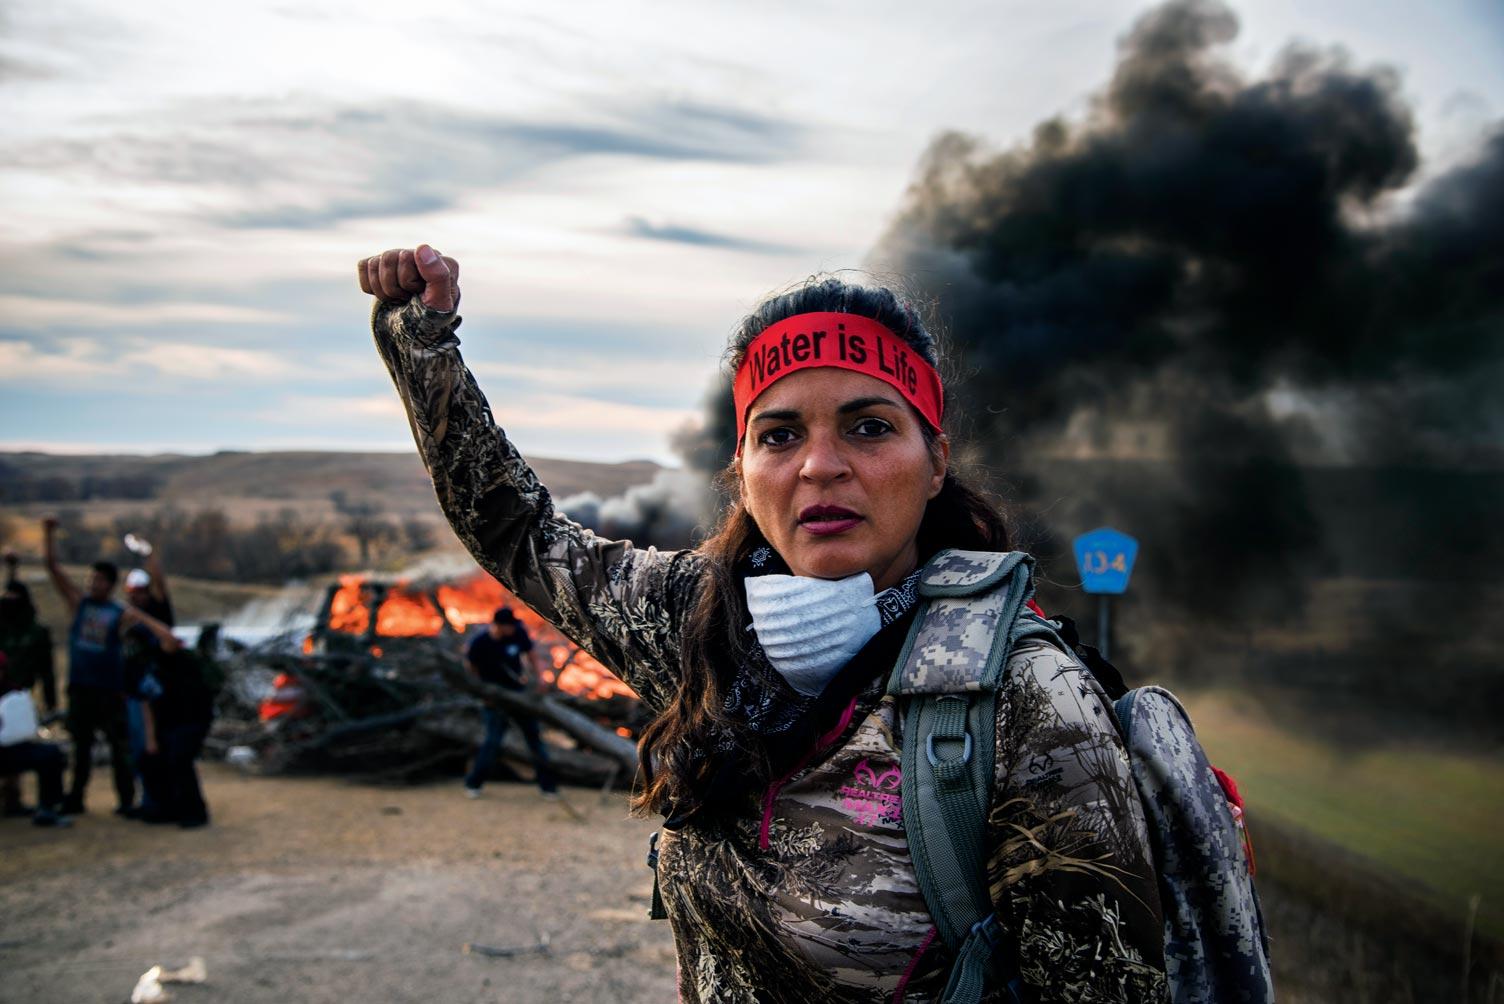 Une manifestante contre le projet d'oléoduc de Standing Rock